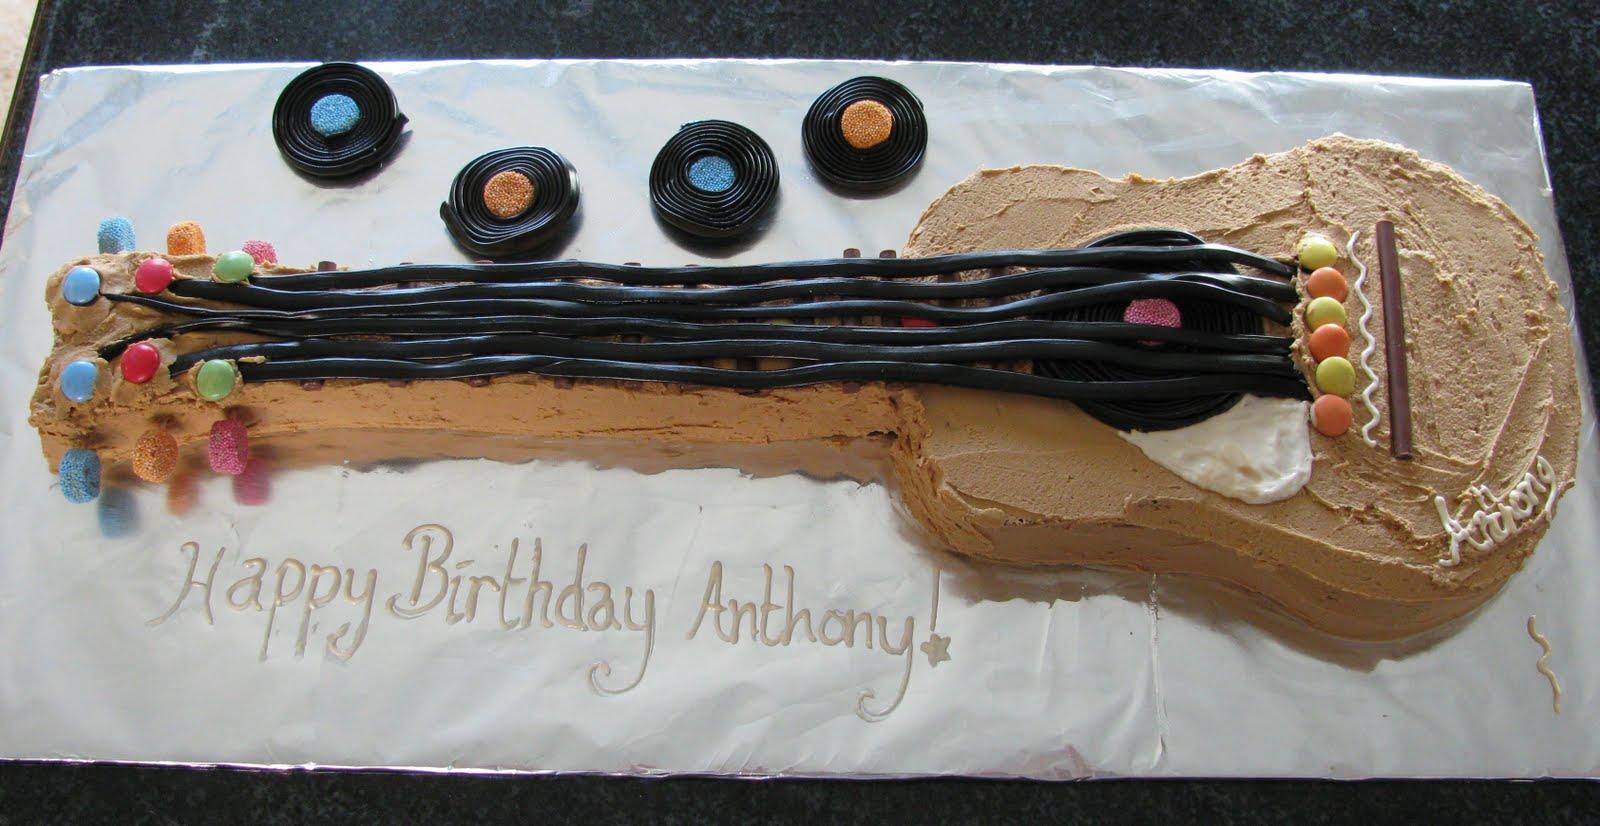 Cake Decorating Classes Plano Tx : Pin Happy Birthday Savannah Photos From Thelma Arredondo ...